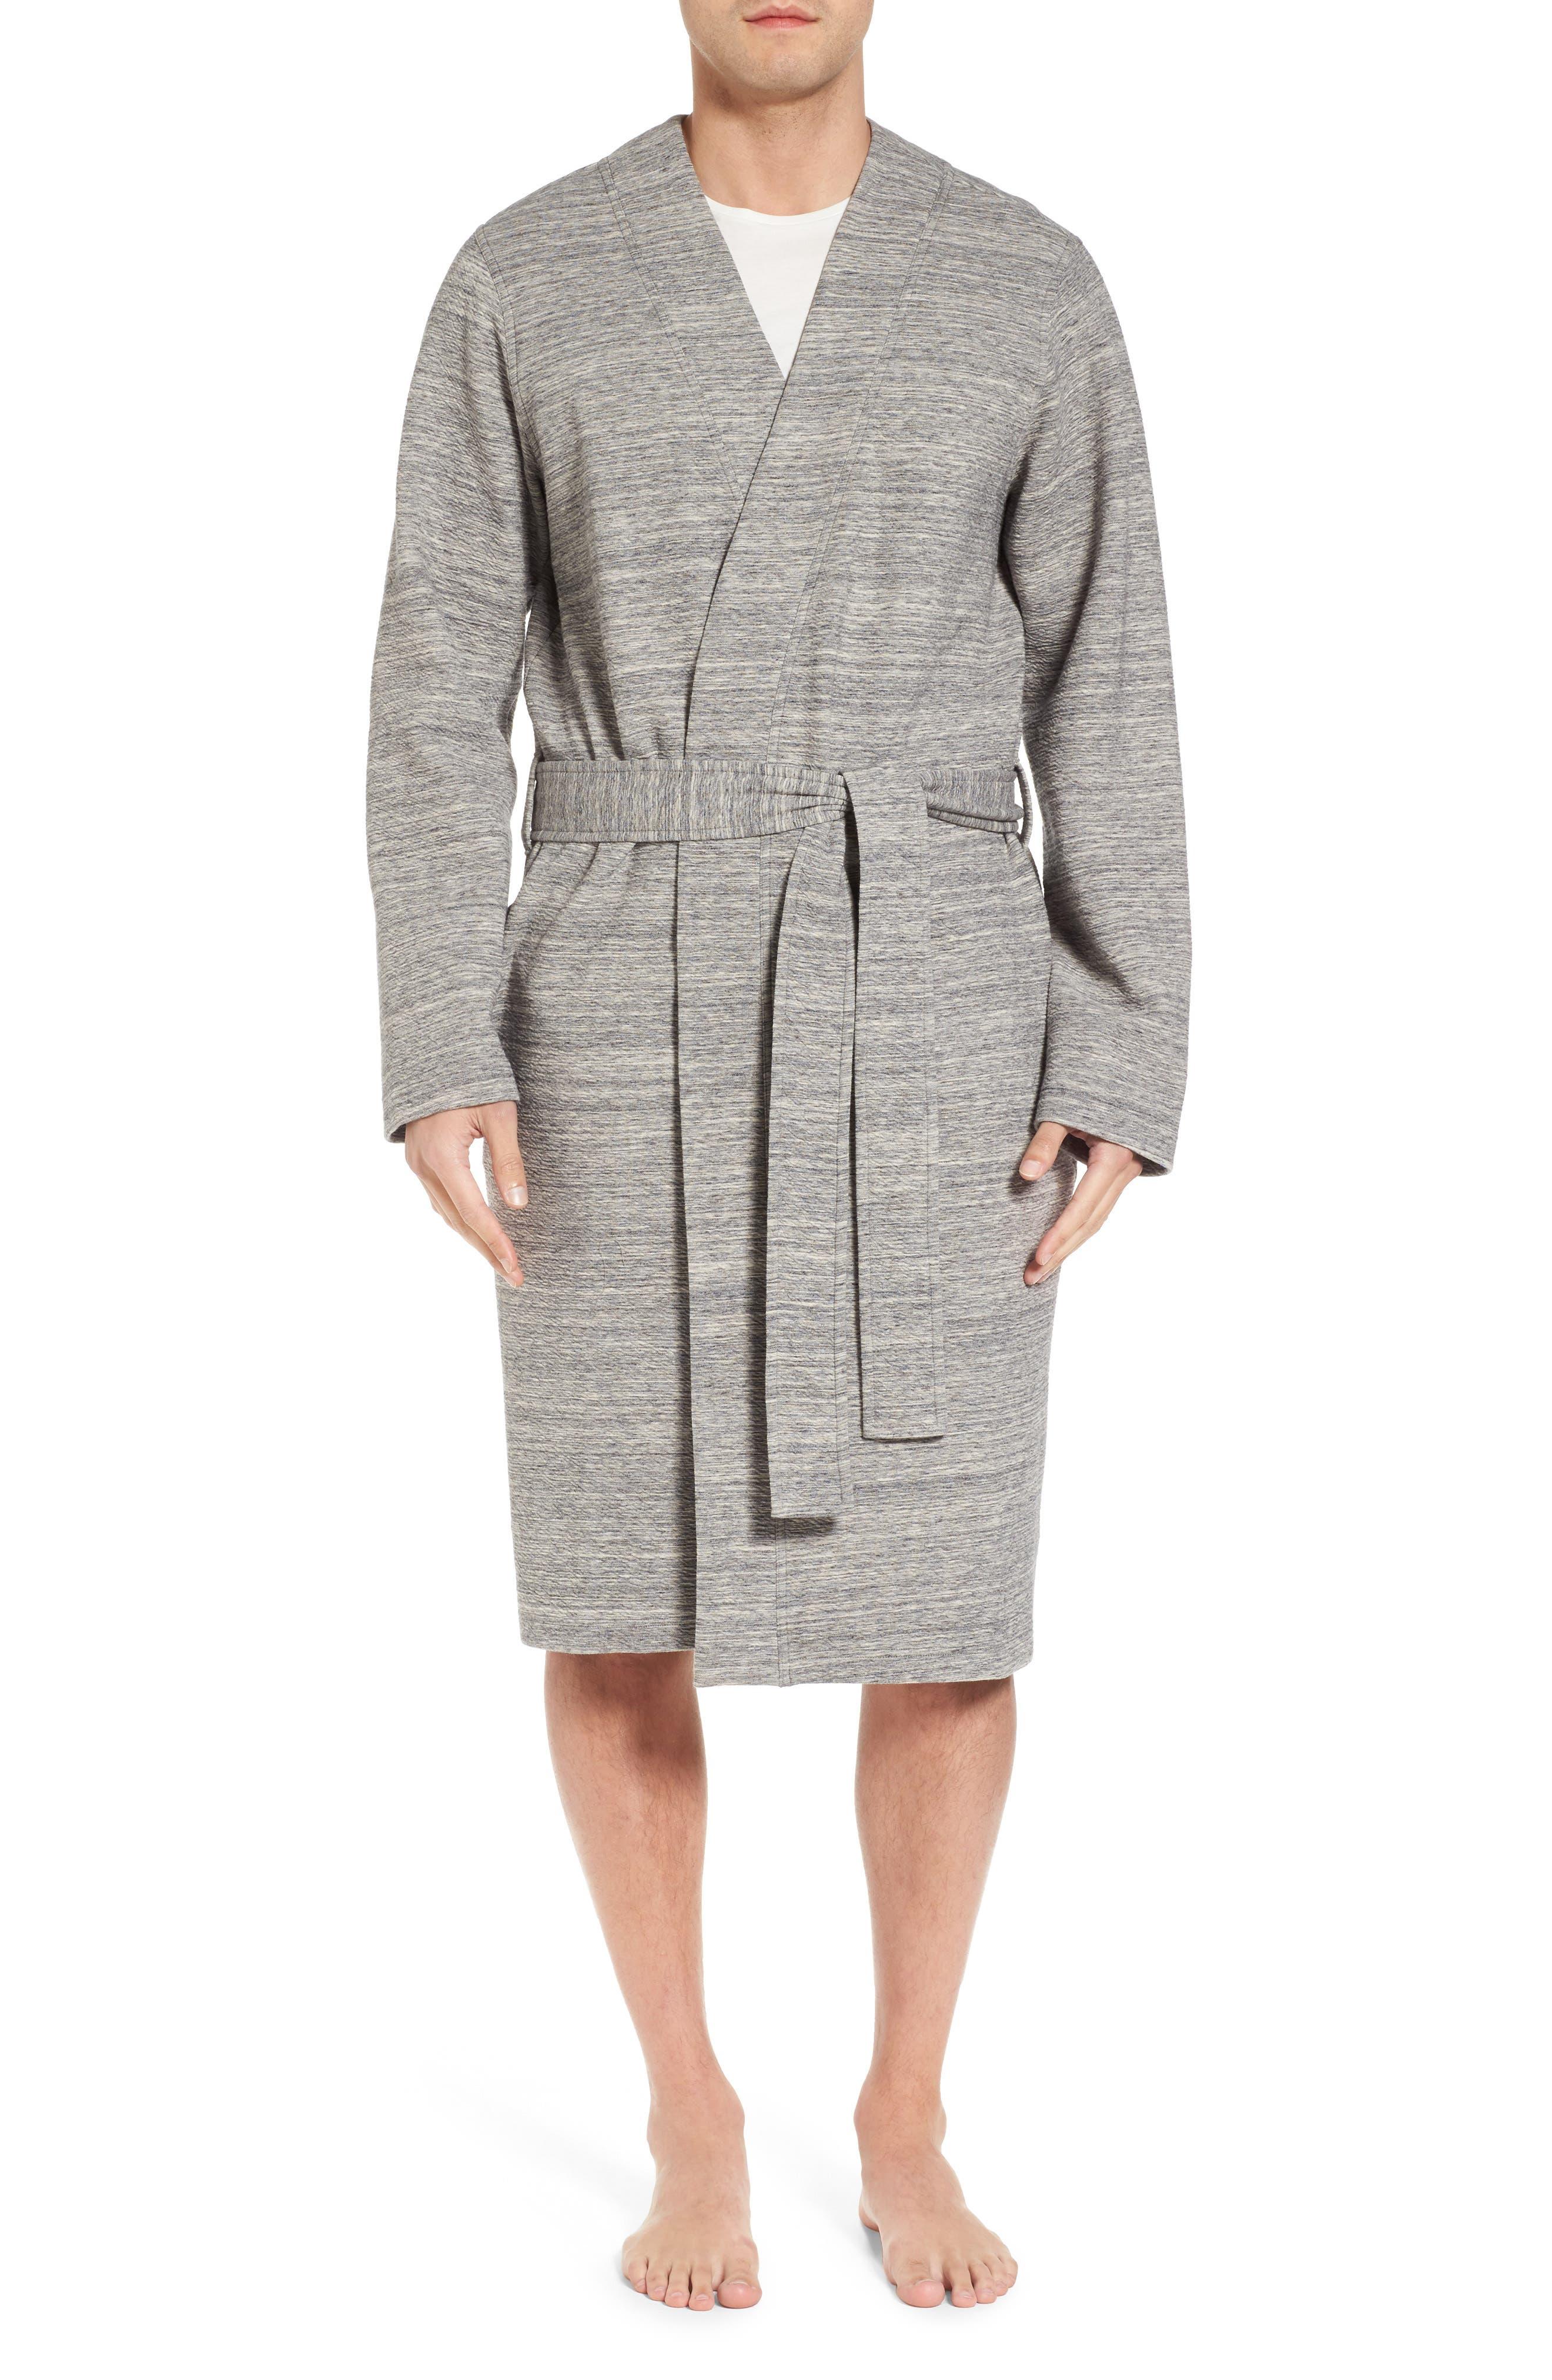 Kent Cotton Blend Robe,                         Main,                         color, Black Heather